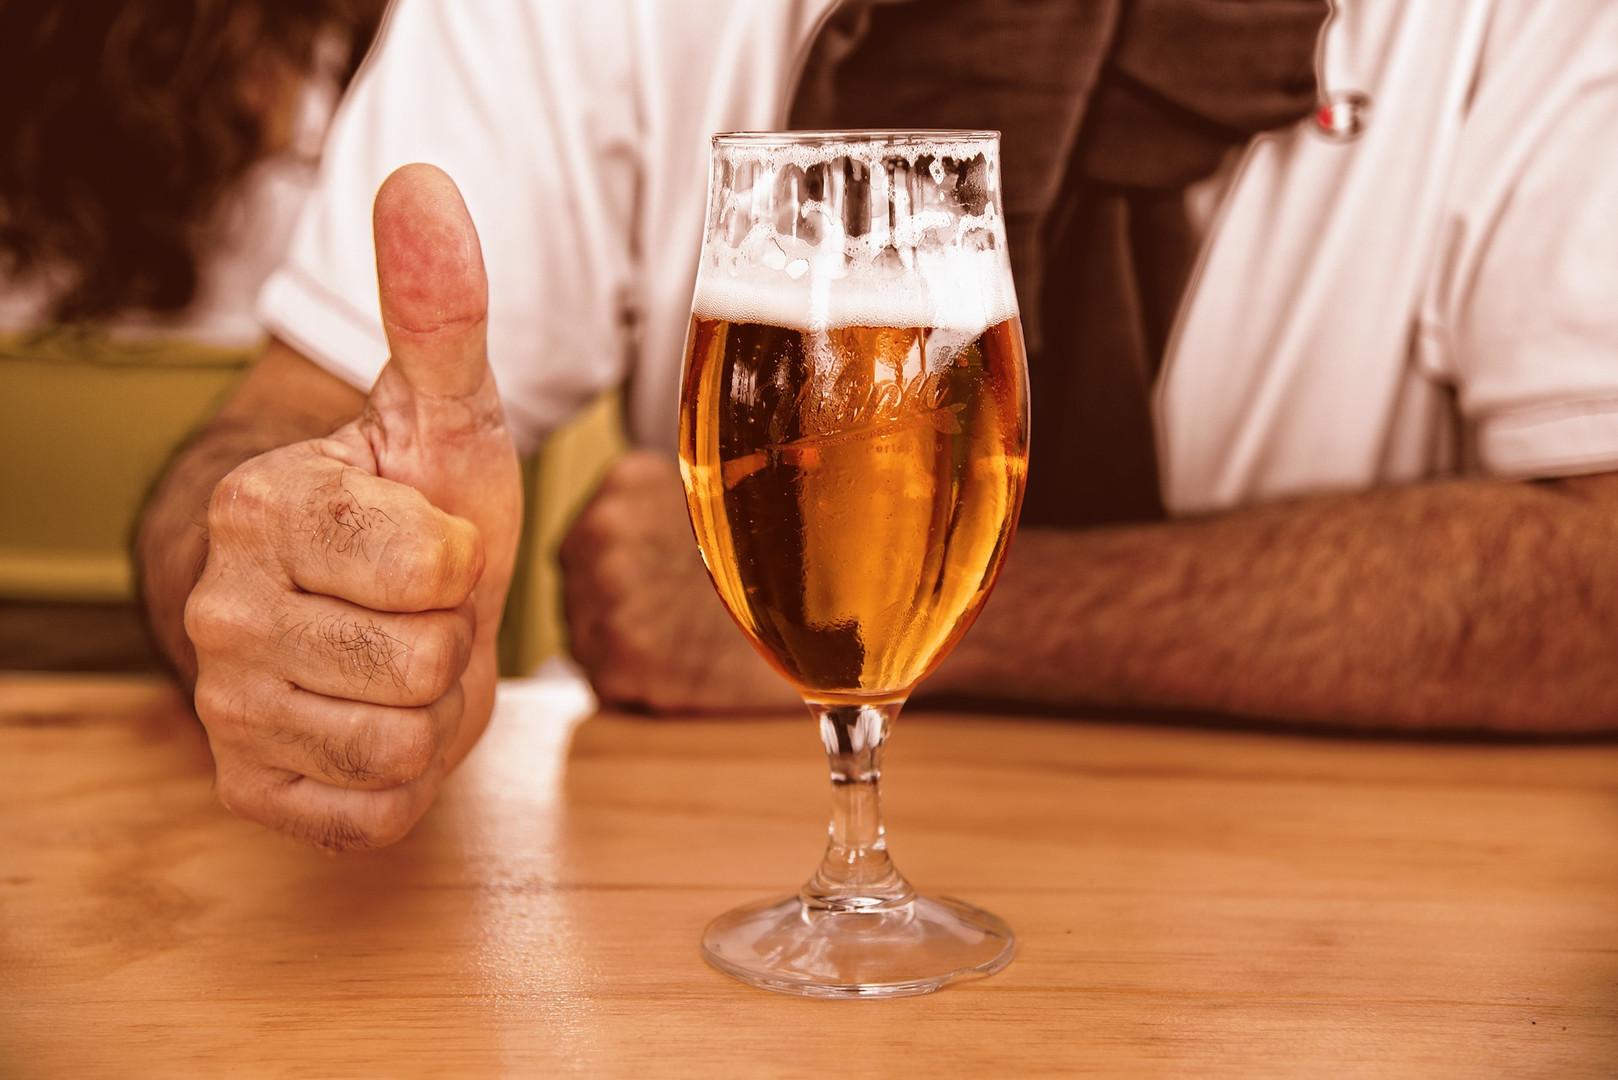 glass-of-beer-3444480_1920.jpg